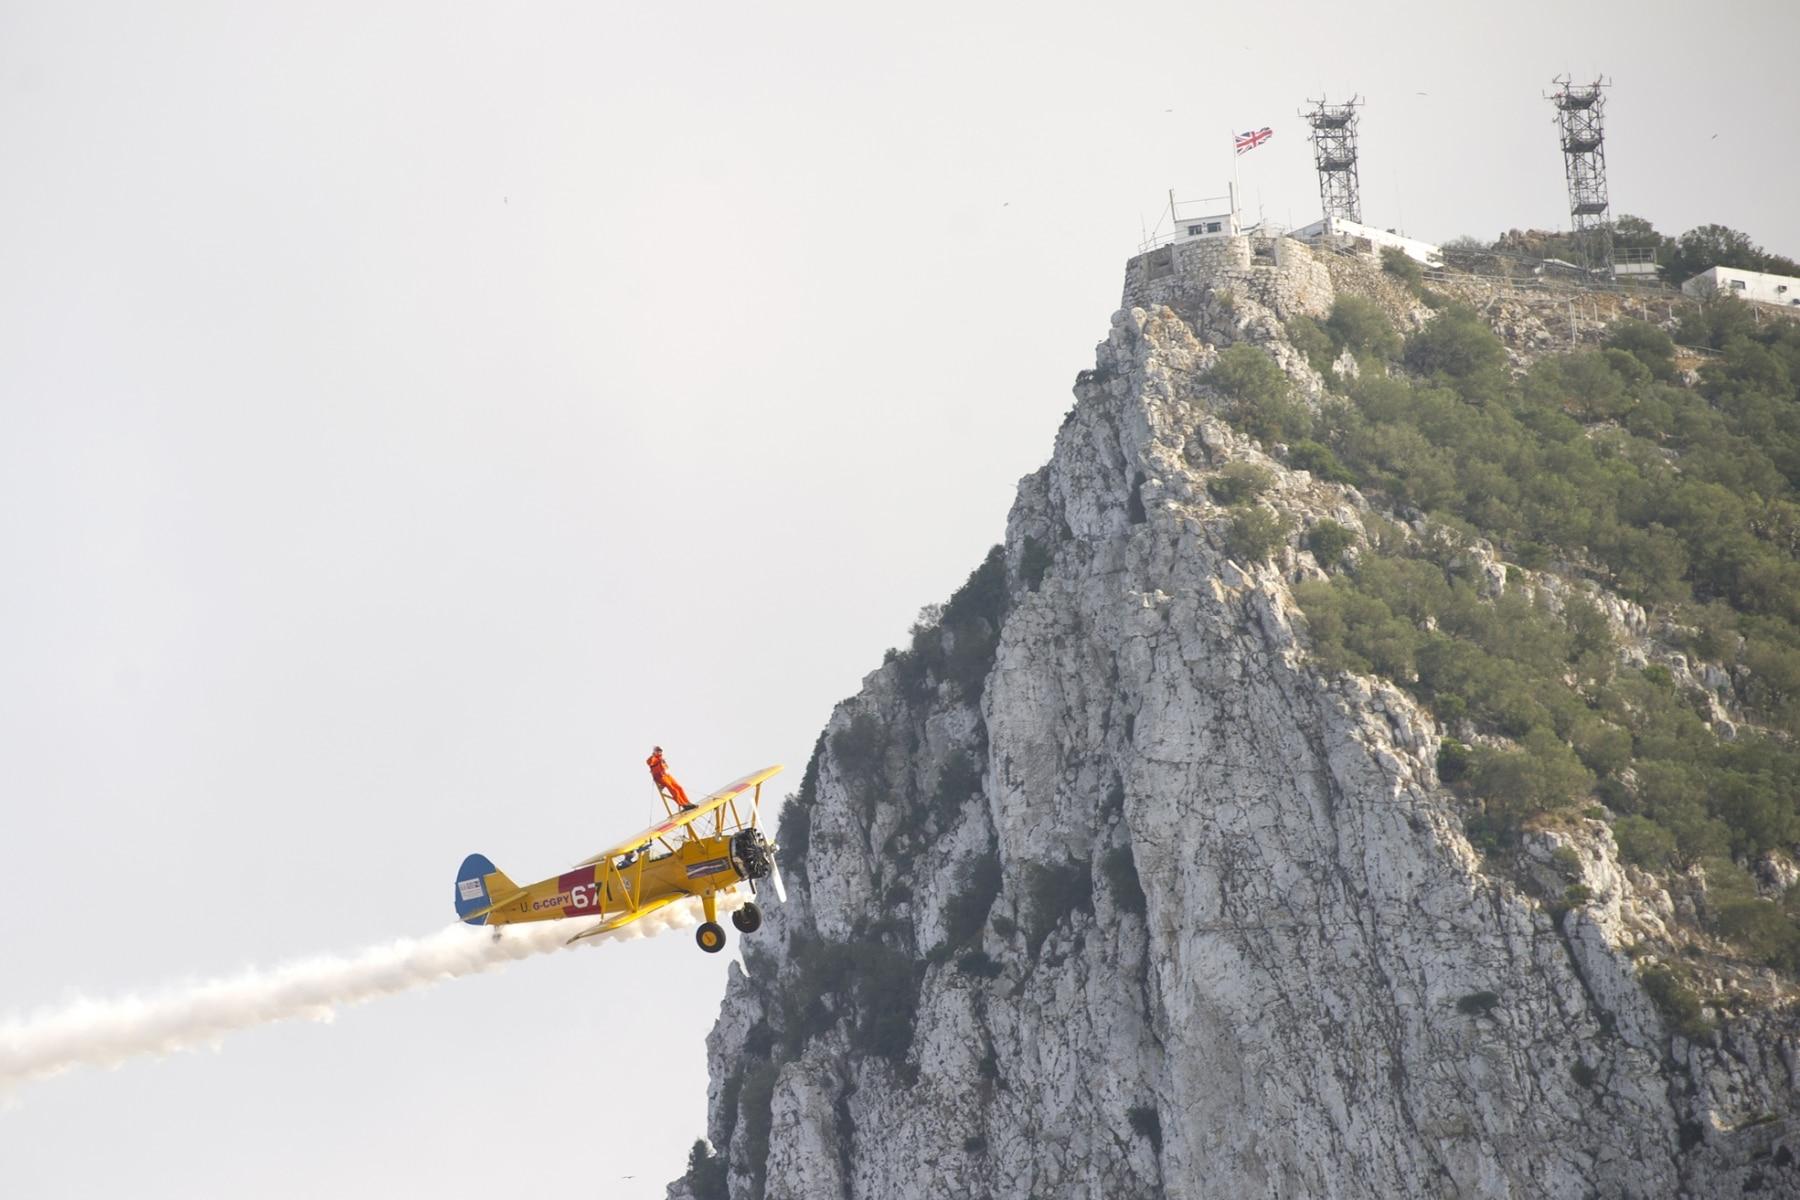 tom-lackey-acrobata-aereo-de-94-anos-en-gibraltar-10102014-16_15513090671_o